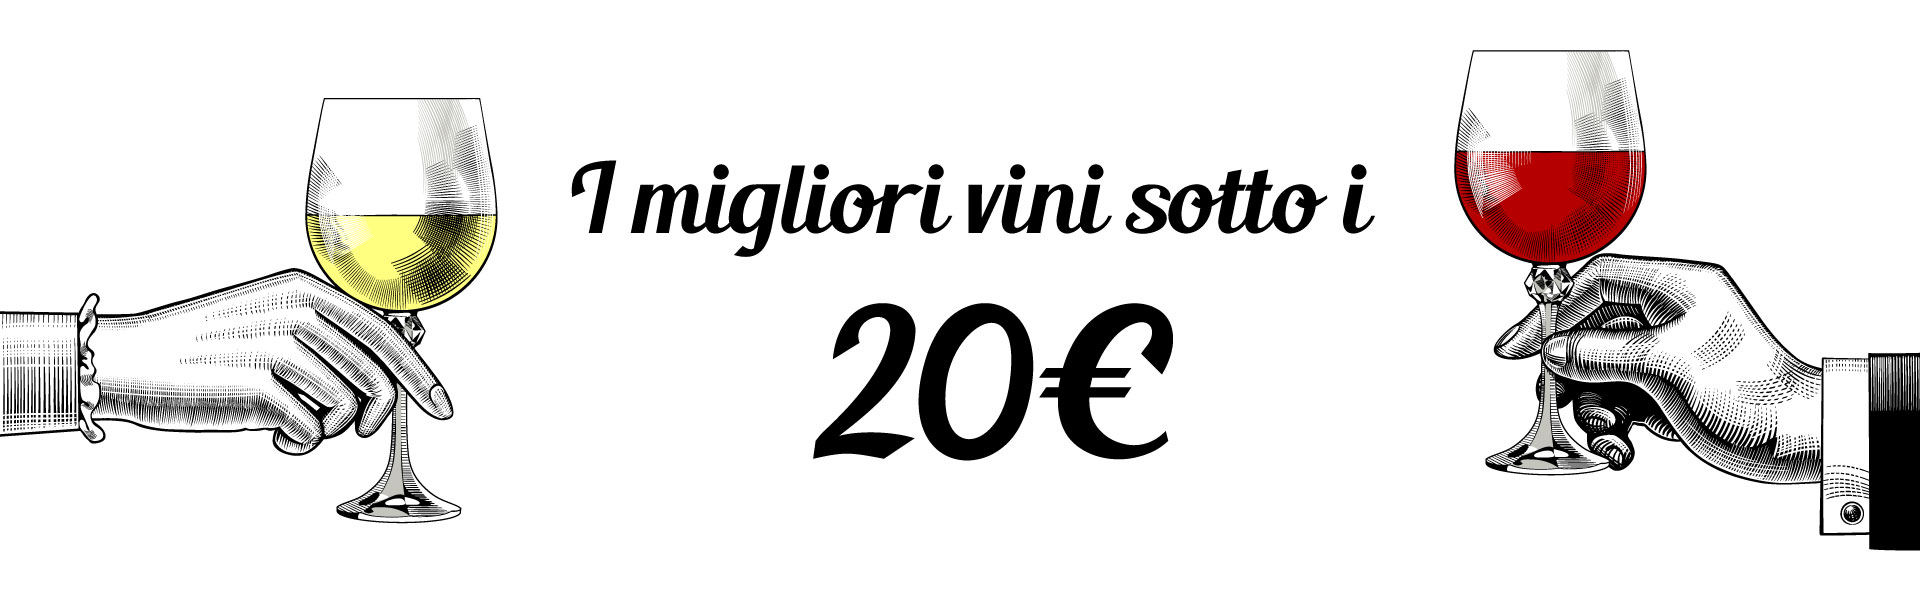 cheap white wines, cheap red wines, cheap bubble wines grandibottiglie.com